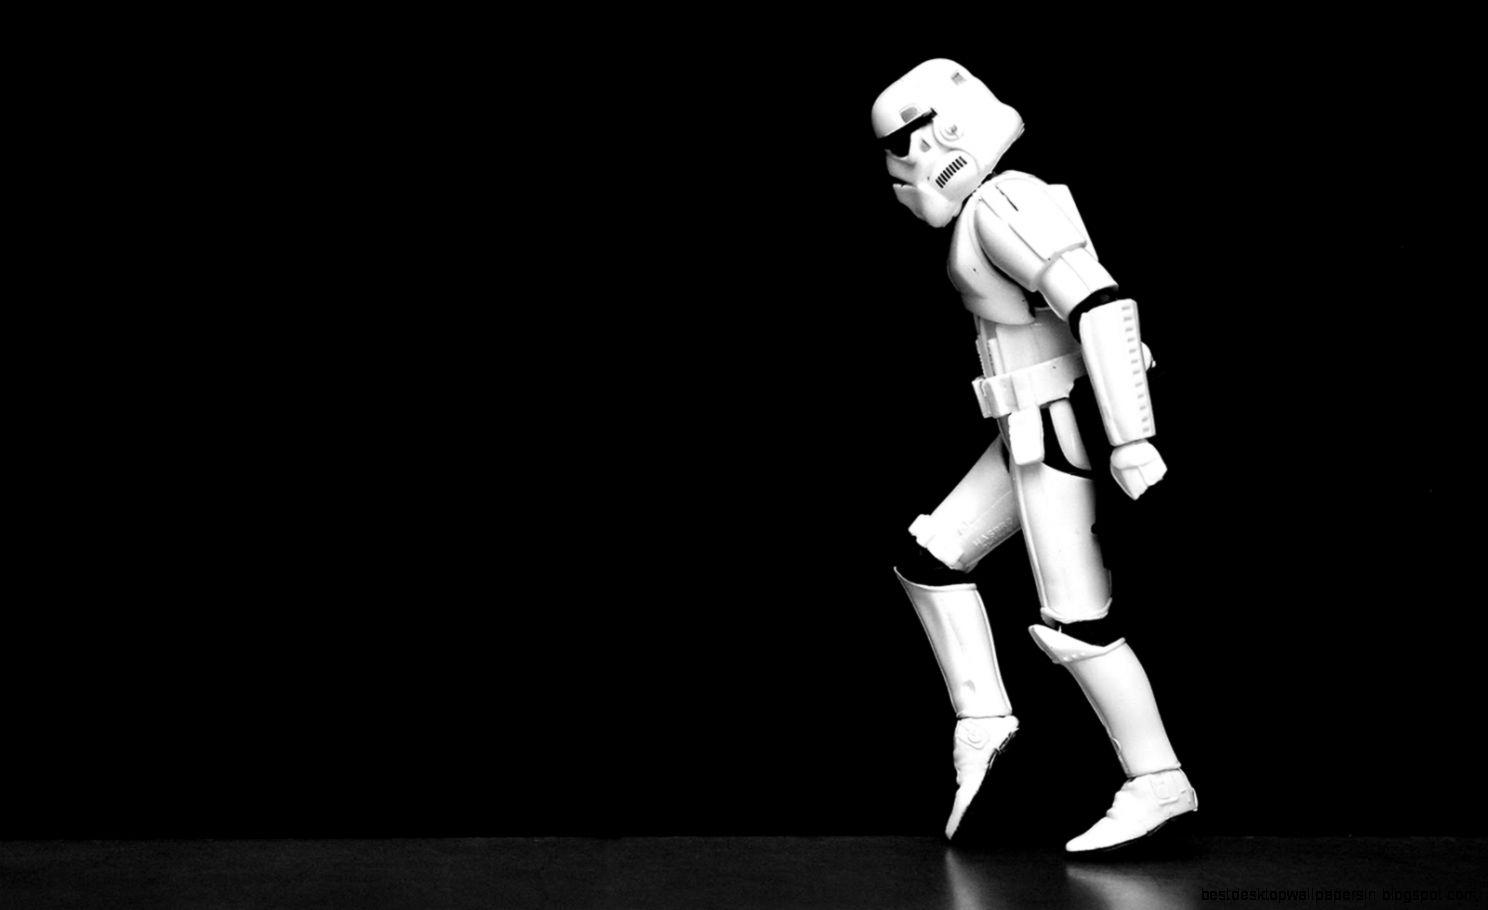 Storm-trooper moonwalking